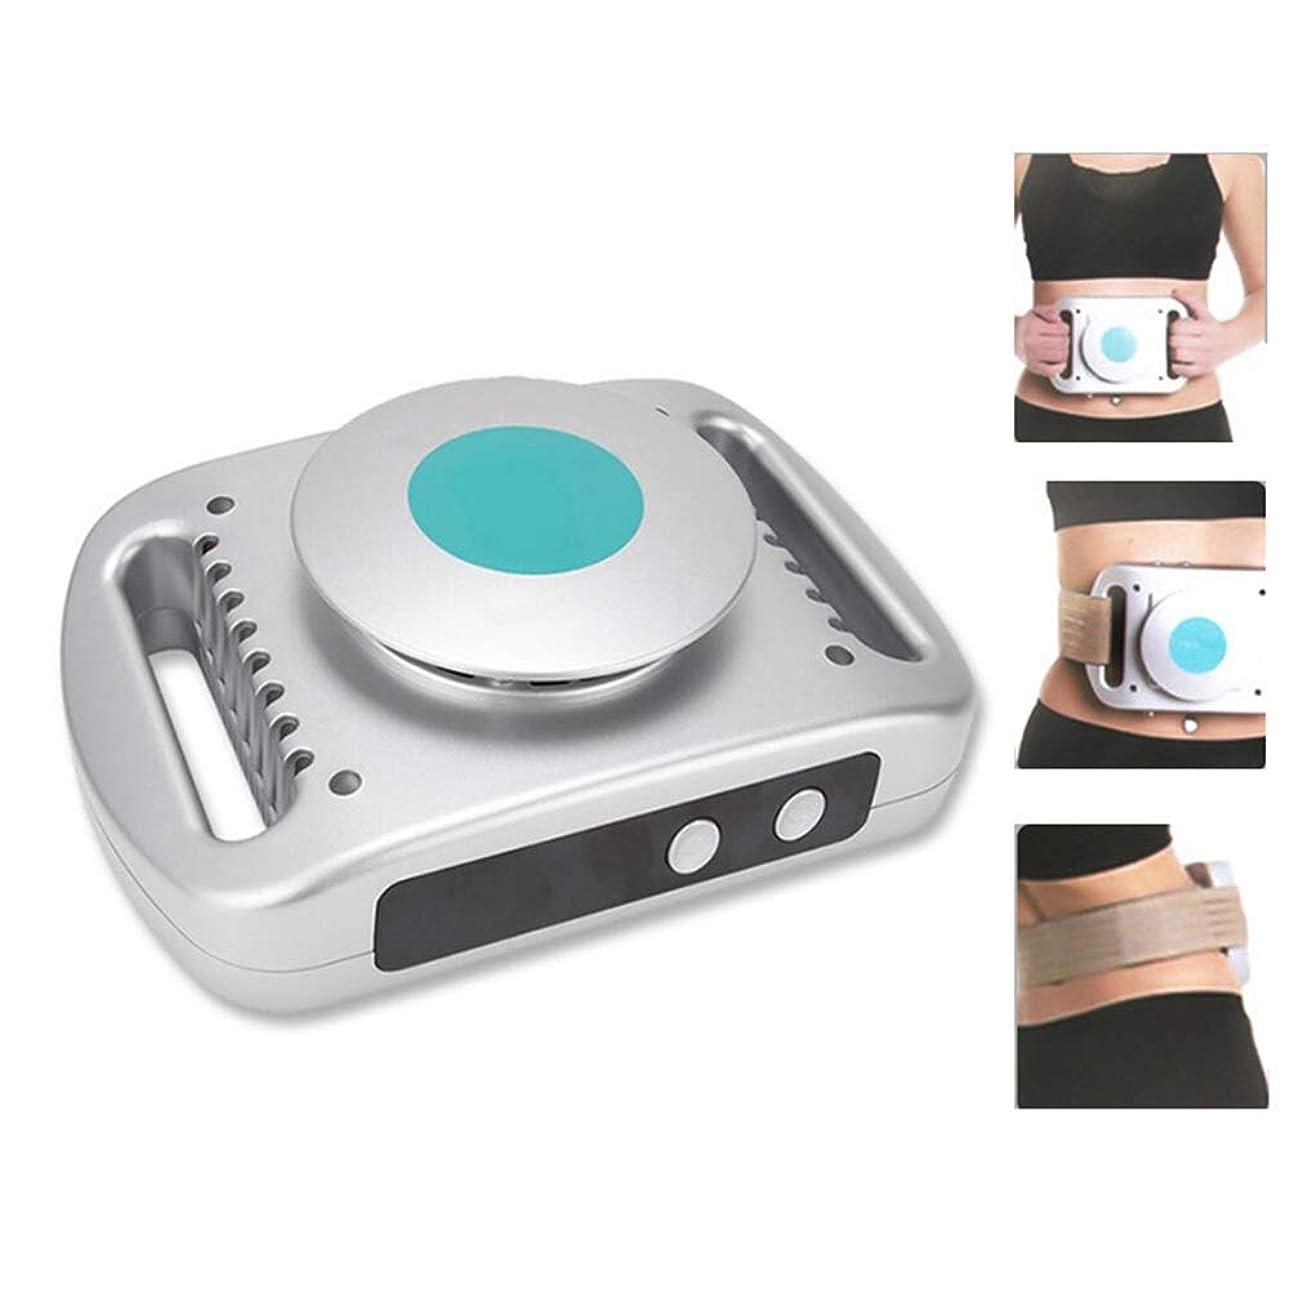 亡命買収ブラザー脂肪凍結Slim身マシン-アーム、ウエスト、太もも、ヒップ、脚体Slim身デバイス調節可能なストラップ用のコールドセラピーマッサージャー